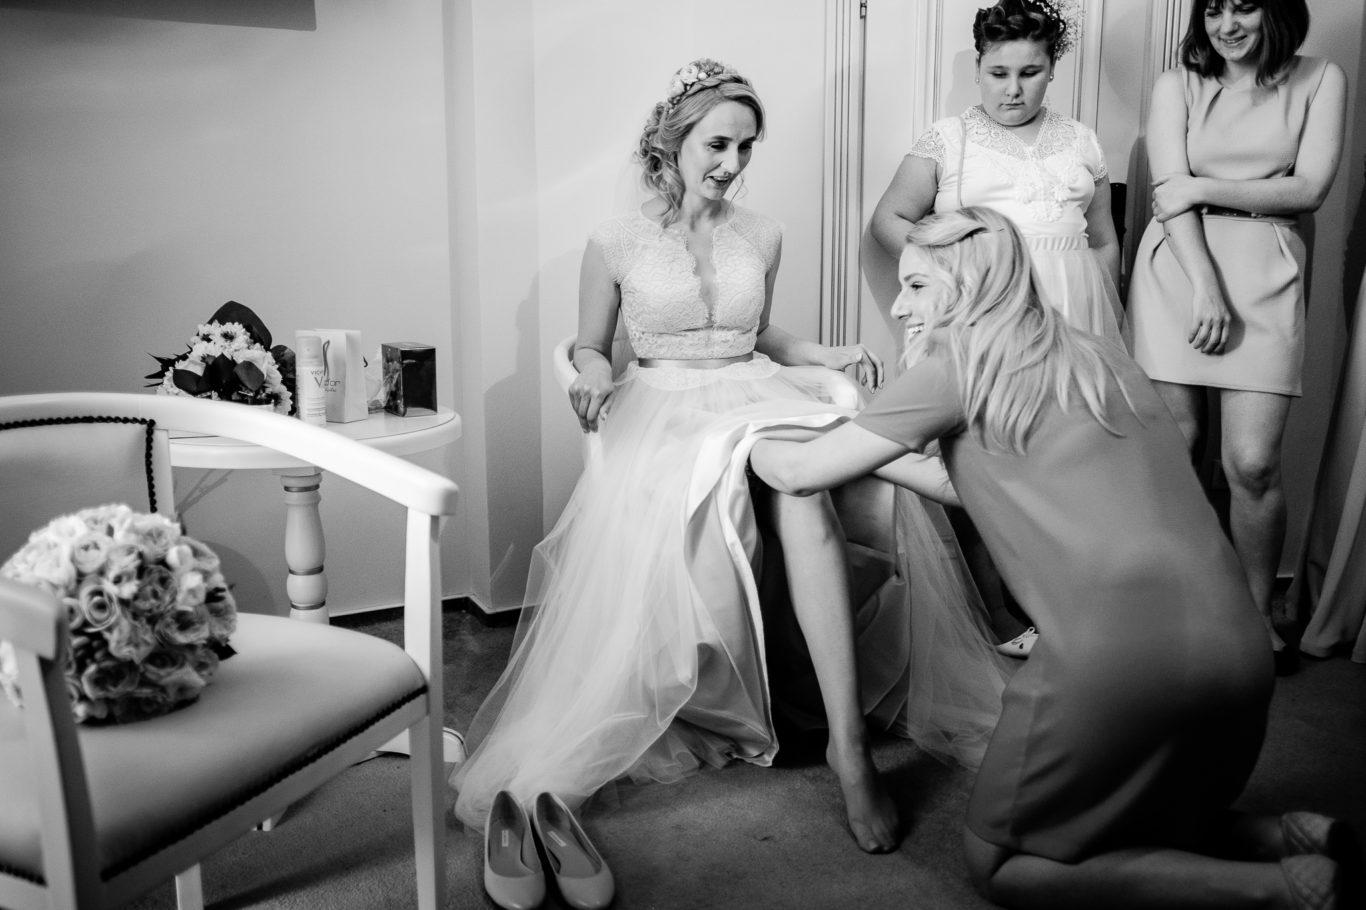 0281-Fotografie-nunta-Mirela-Iulian-fotograf-Ciprian-Dumitrescu-DSCF0583